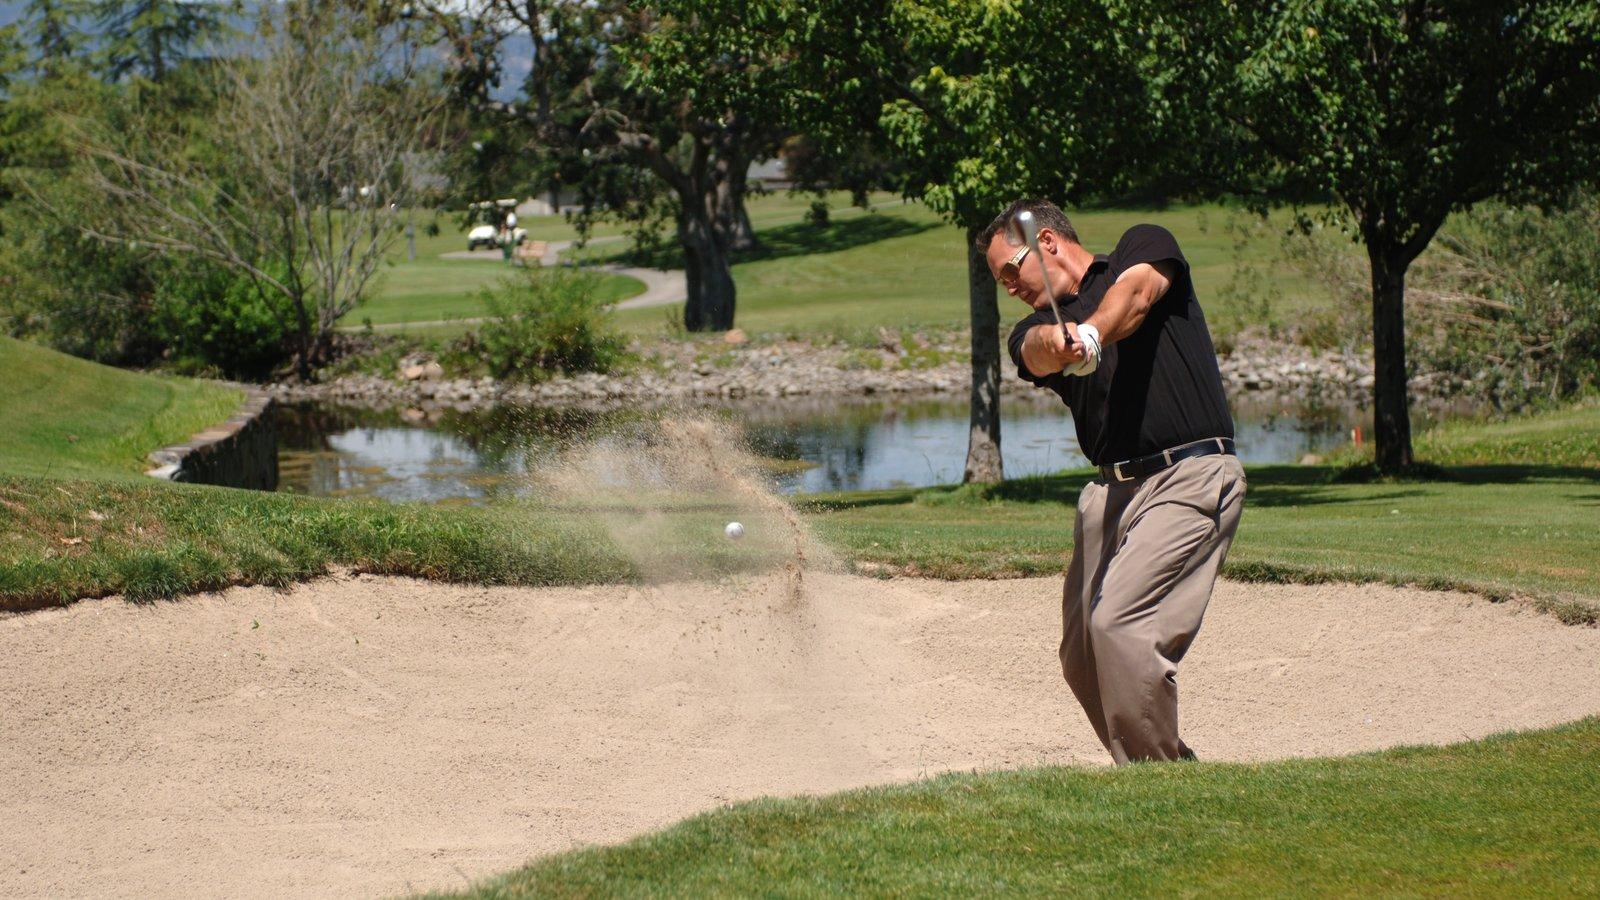 Medford que incluye golf y también un hombre